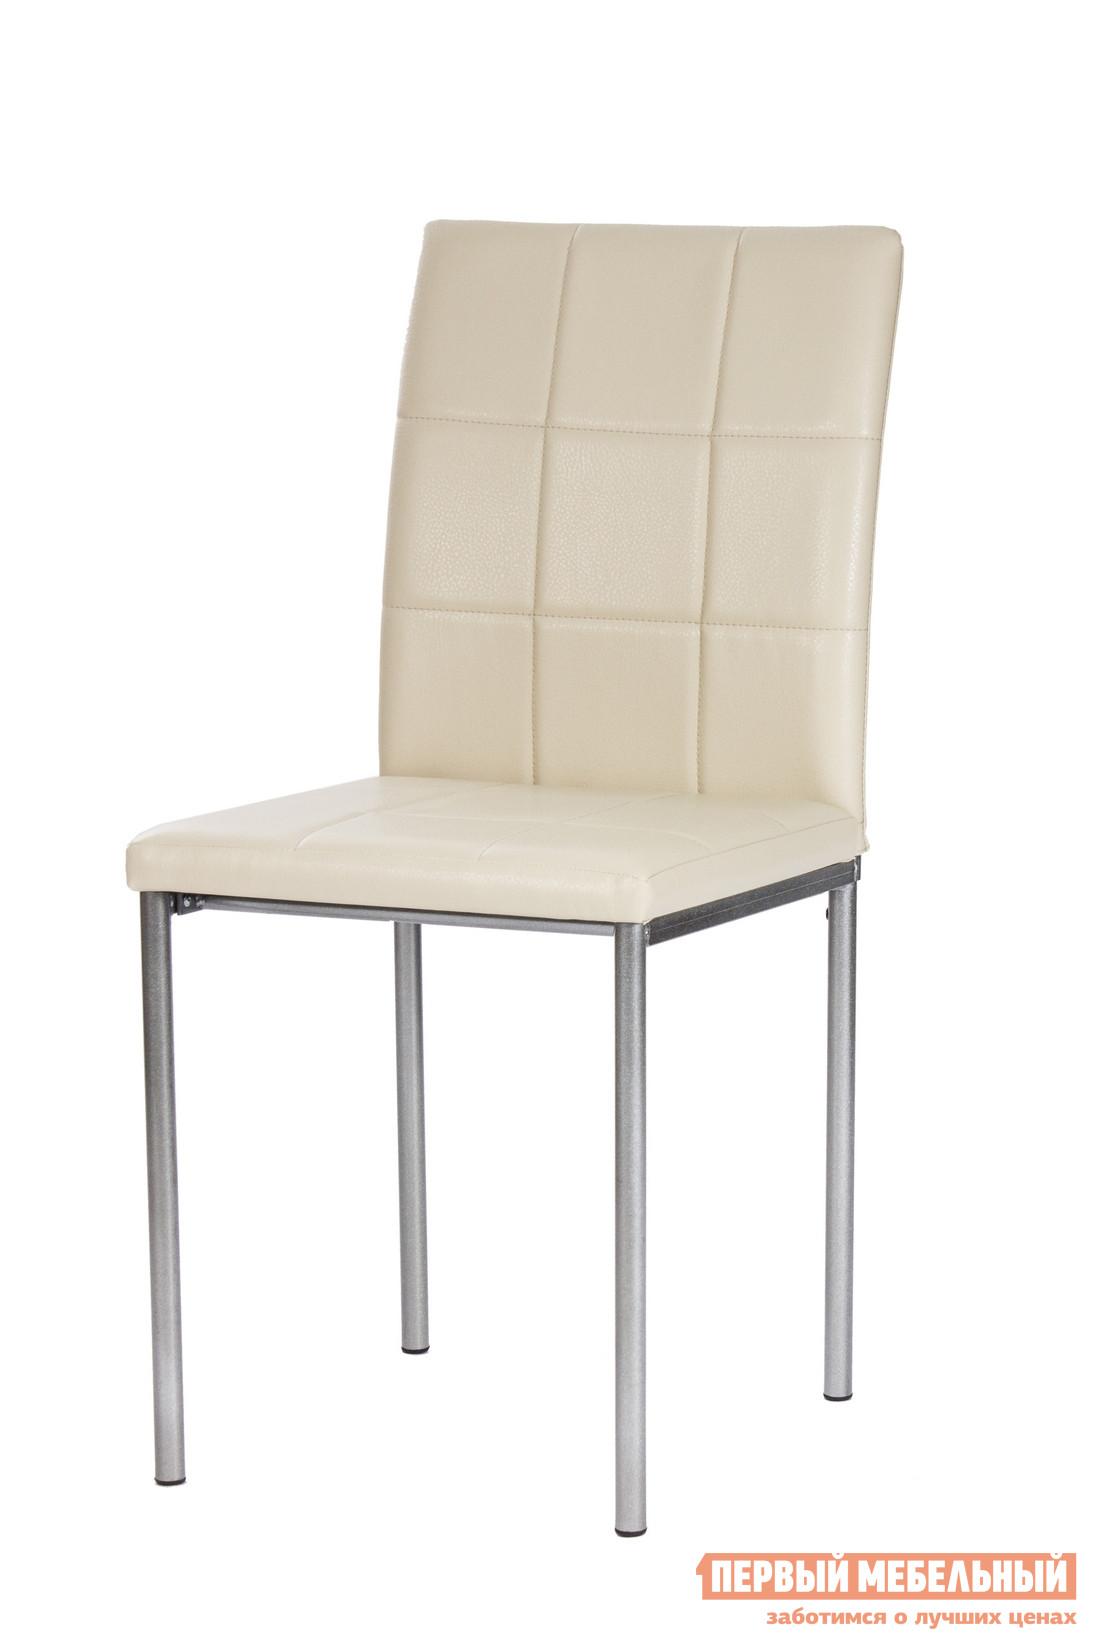 Стул Мебель Импэкс Leset 1007 Иск. кожа Слоновая костьСтулья для кухни<br>Габаритные размеры ВхШхГ 890x410x380 мм. Интересный и удобный стул на прочном металлокаркасе.  Представленная модель отлично дополнит как кухонный интерьер, так и столовую. Мягкая, приятная на ощупь обивка из высококачественной экокожи — практичное решение.  Такой материал долговечен и неприхотлив в уходе.  Спинка стула декорирована прострочкой.<br><br>Цвет: Бежевый<br>Высота мм: 890<br>Ширина мм: 410<br>Глубина мм: 380<br>Форма поставки: В разобранном виде<br>Срок гарантии: 1 год<br>Тип: Для гостиной<br>Материал: Металл<br>Материал: Искусственная кожа<br>С мягким сиденьем: Да<br>Без подлокотников: Да<br>С мягкой спинкой: Да